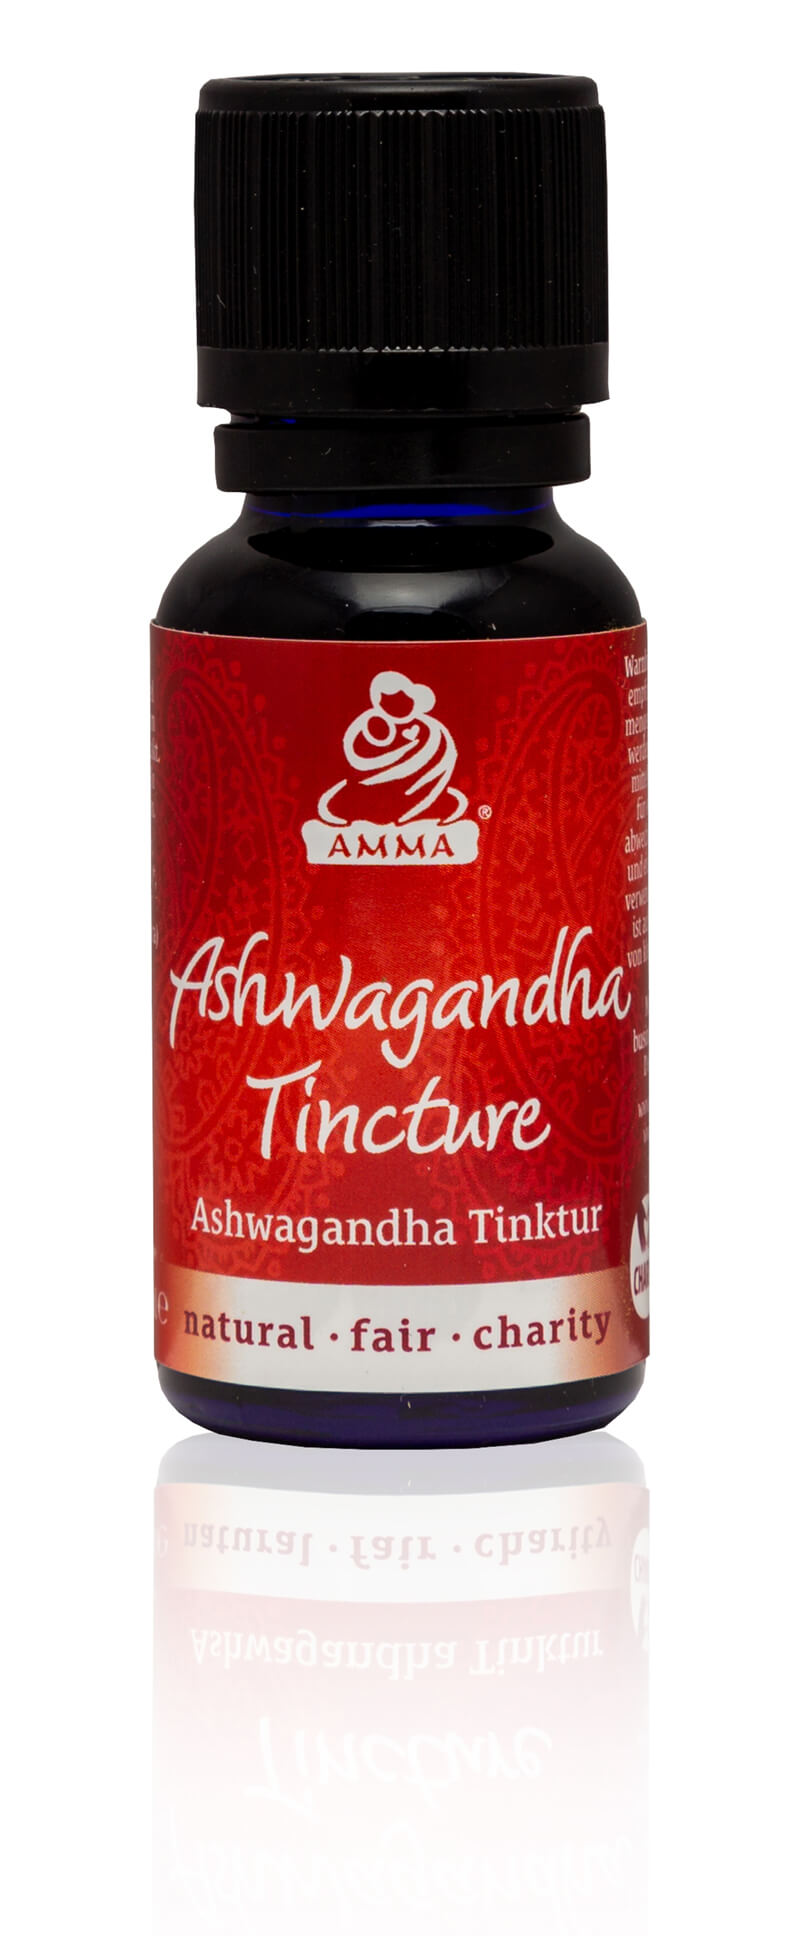 Ashwagandha Tincture, organic